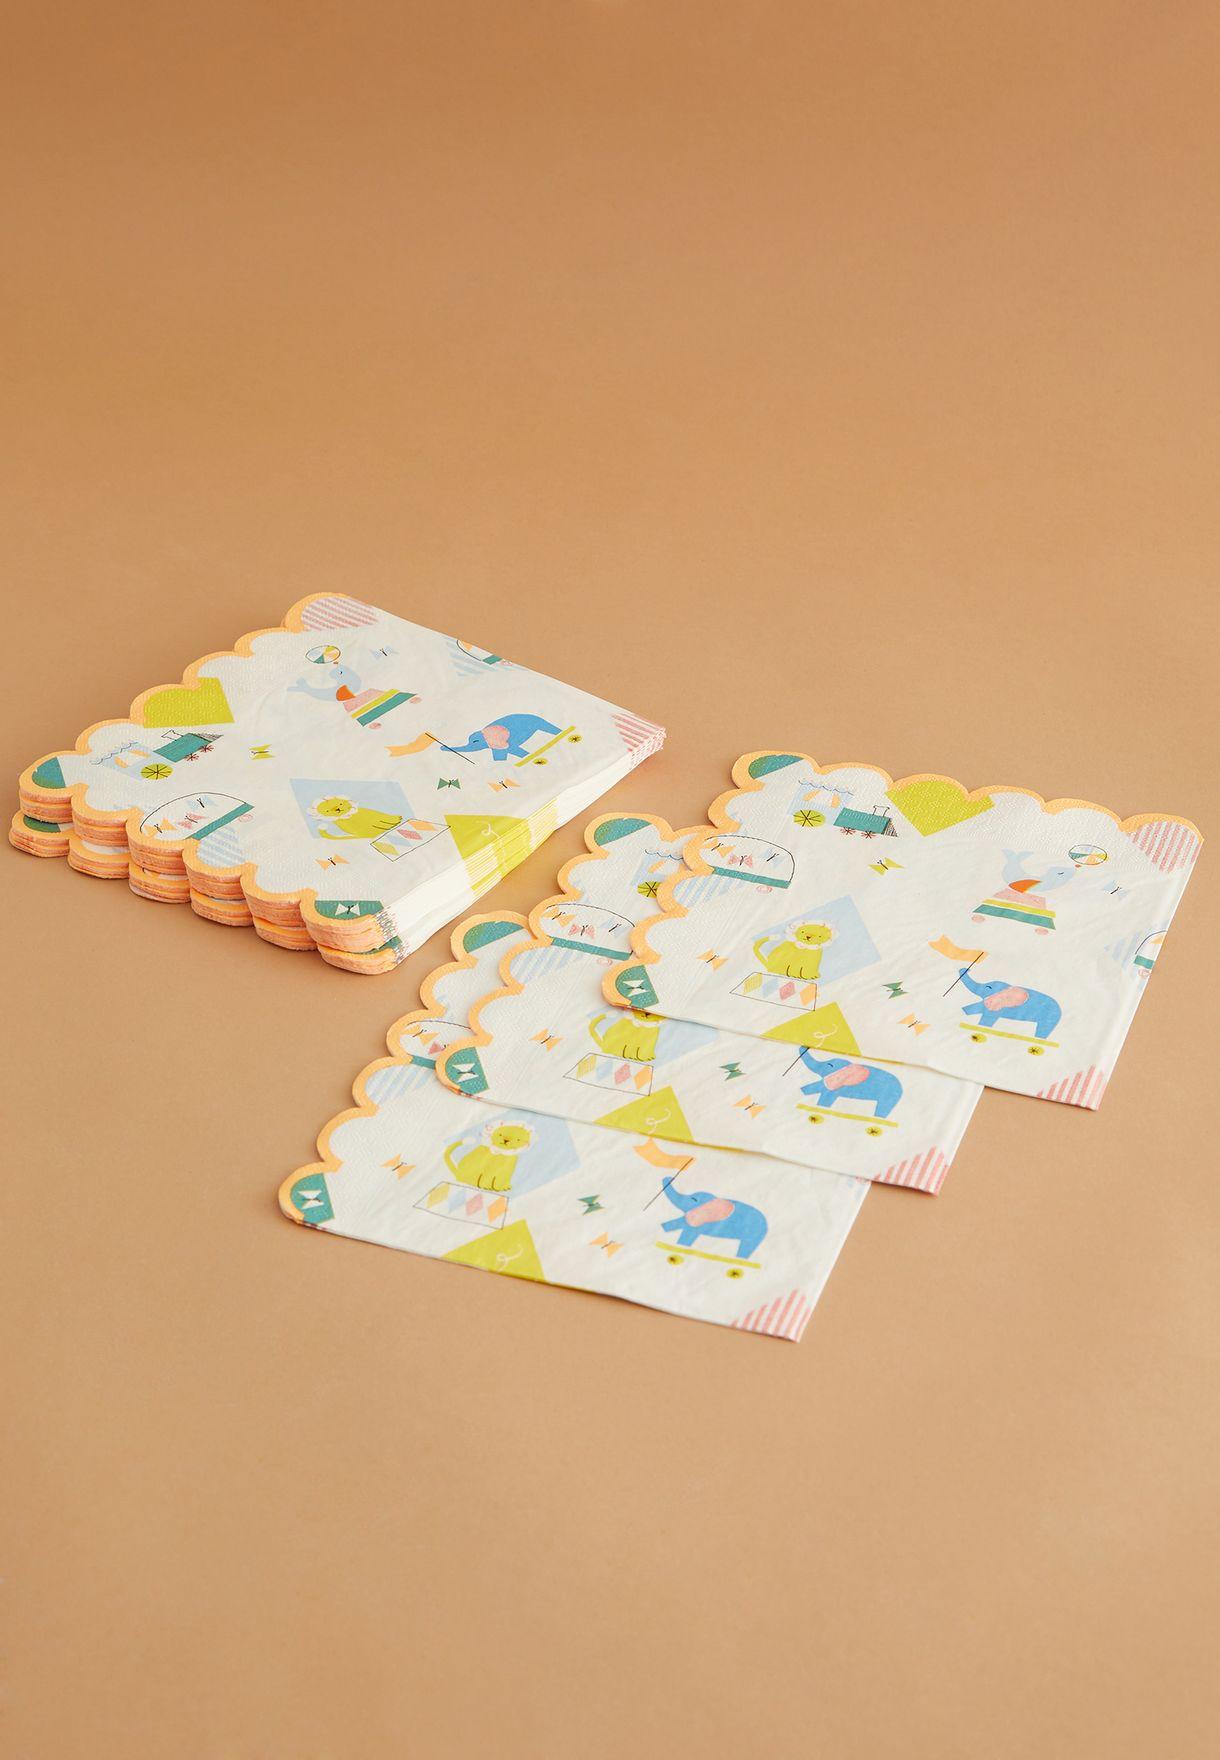 مجموعة من 20 منديل ورقي بطبعات حيوانات السيرك